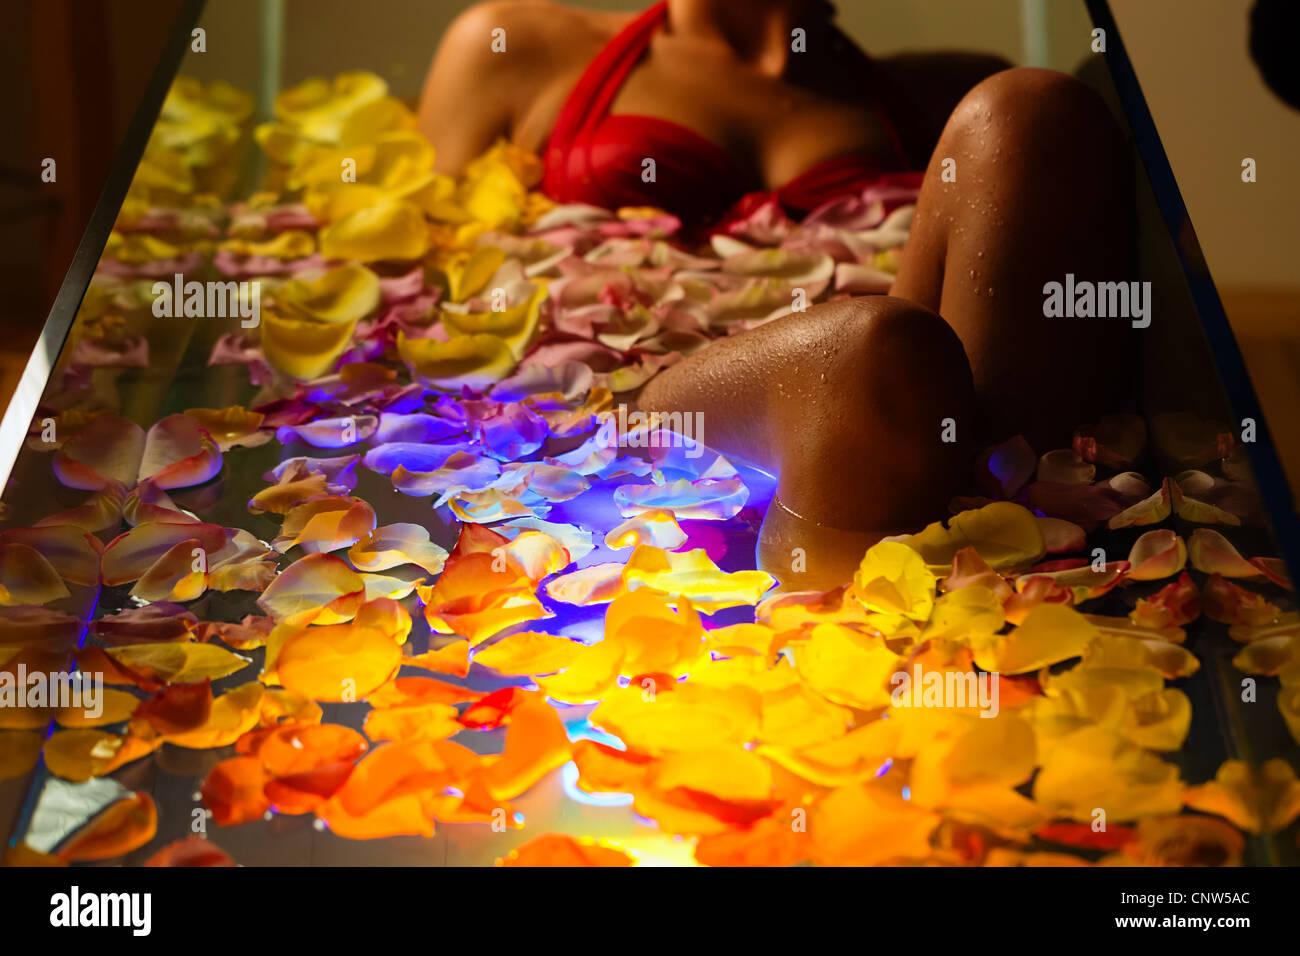 Frau Baden im Spa mit Farbtherapie, die Badewanne ist mit bunten Lichtern, vieler Blumenblüten auf Wanne beleuchtet. Stockbild